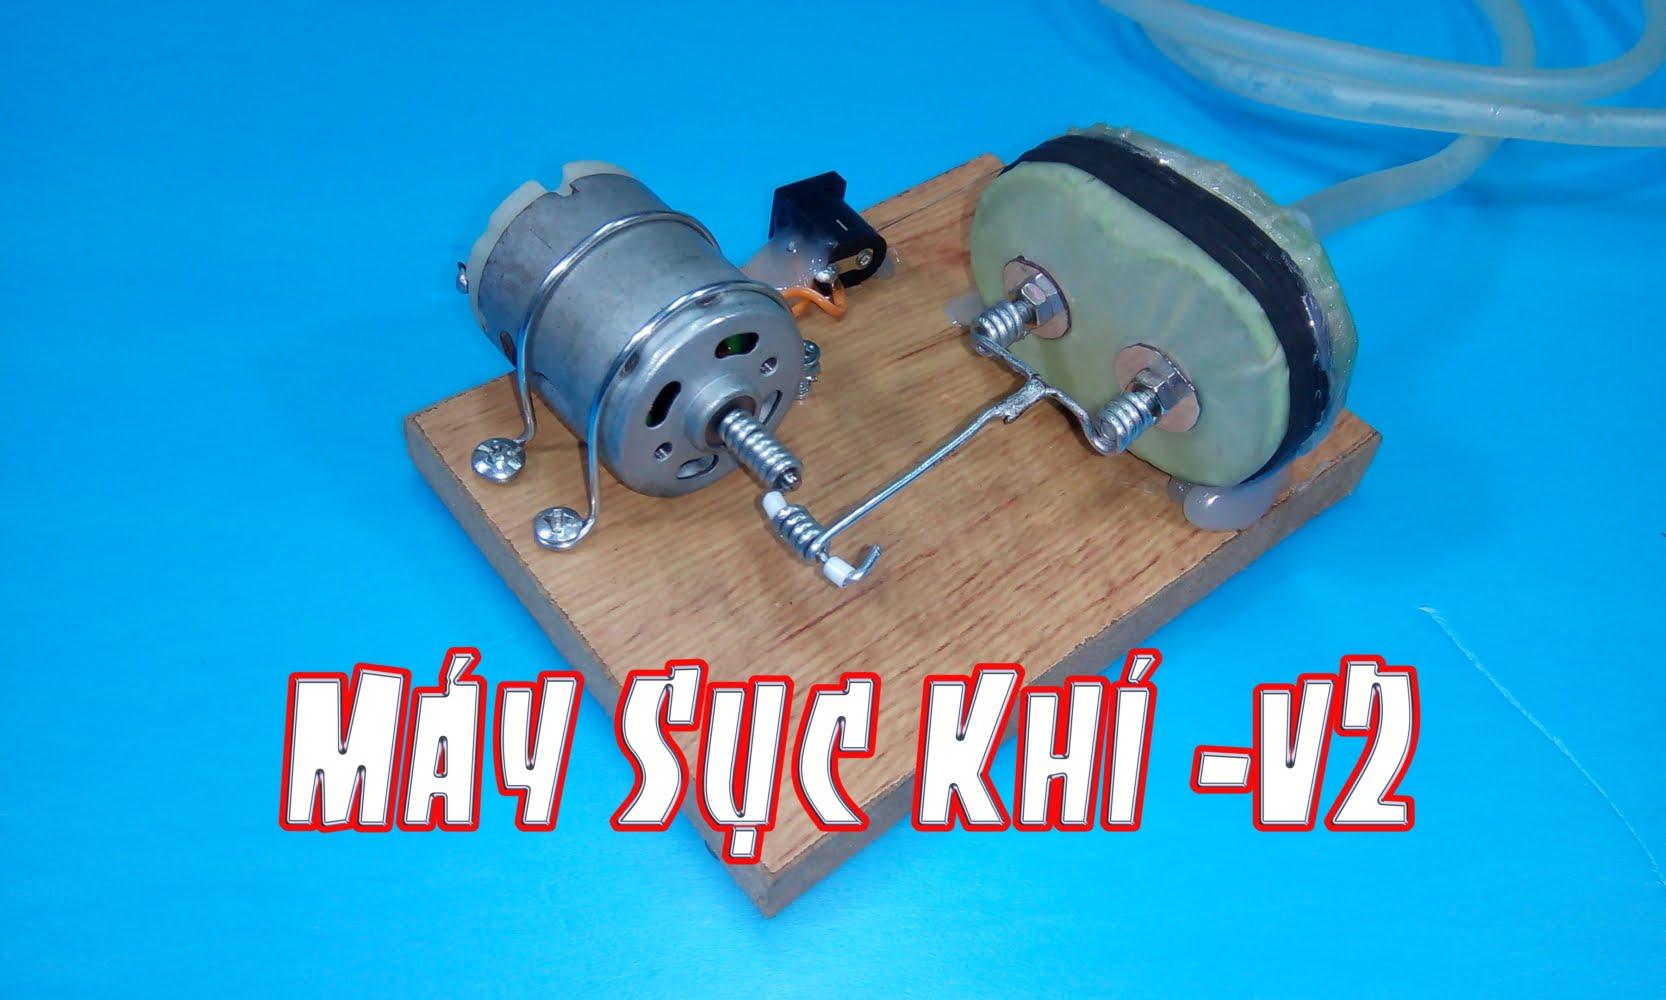 Ứng dụng của máy bơm hơi mini 5V là dùng để sục khí trong bể cá